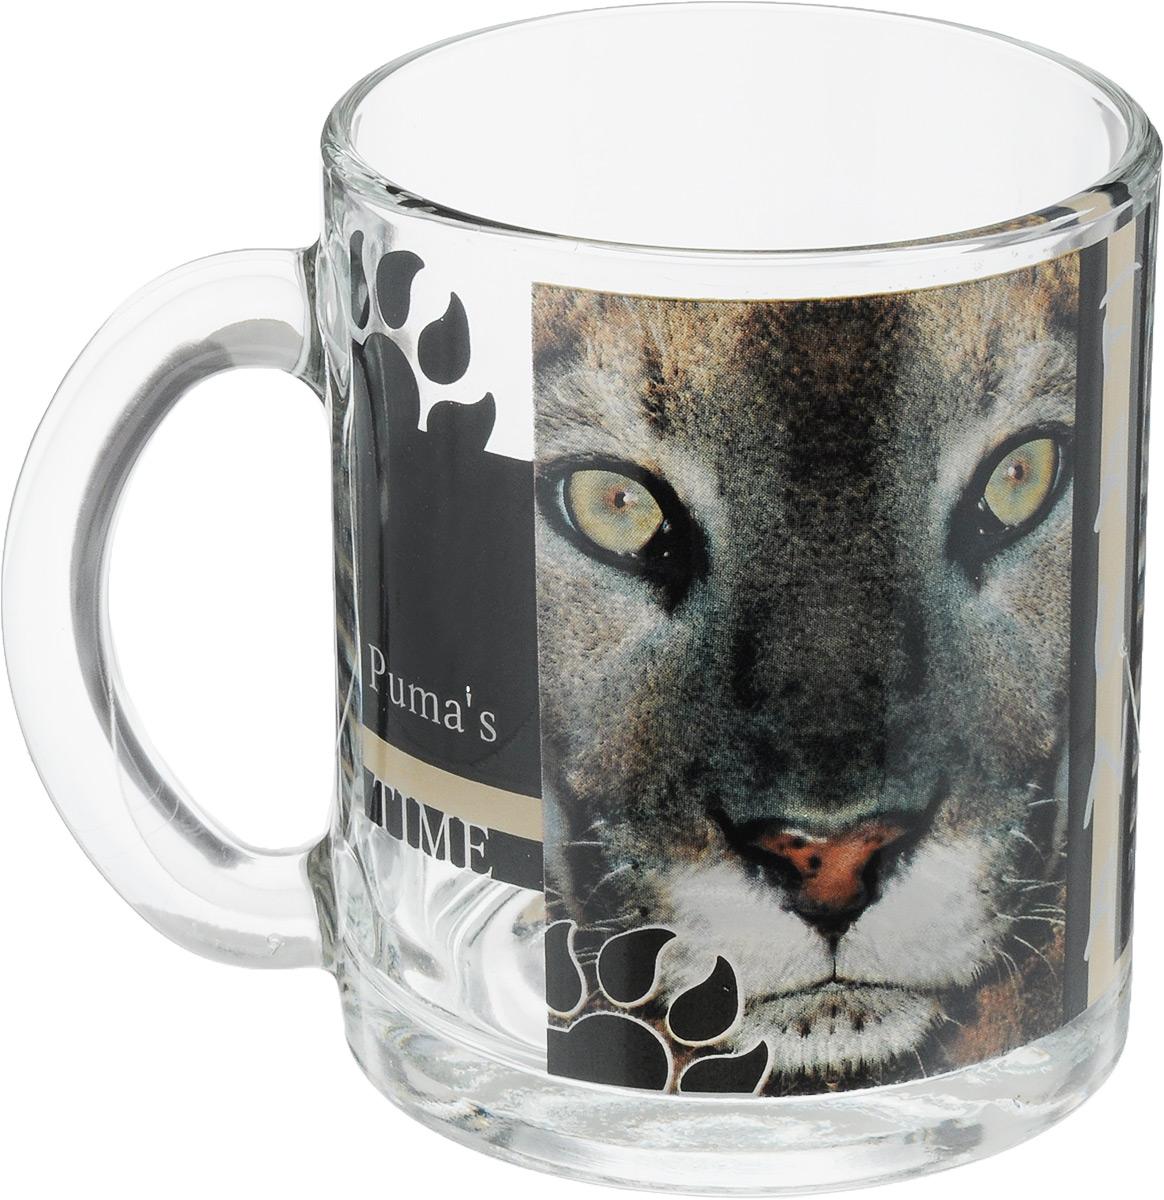 Кружка OSZ Чайая.Дикие кошки. Пума, 320 мл04C1208-DKK_пумаКружка OSZ Чайая.Дикие кошки. Пума изготовлена из стекла и декорирована принтом. Диаметр (по верхнему краю): 7,5 см. Высота: 9,5 см. Объем: 320 мл.